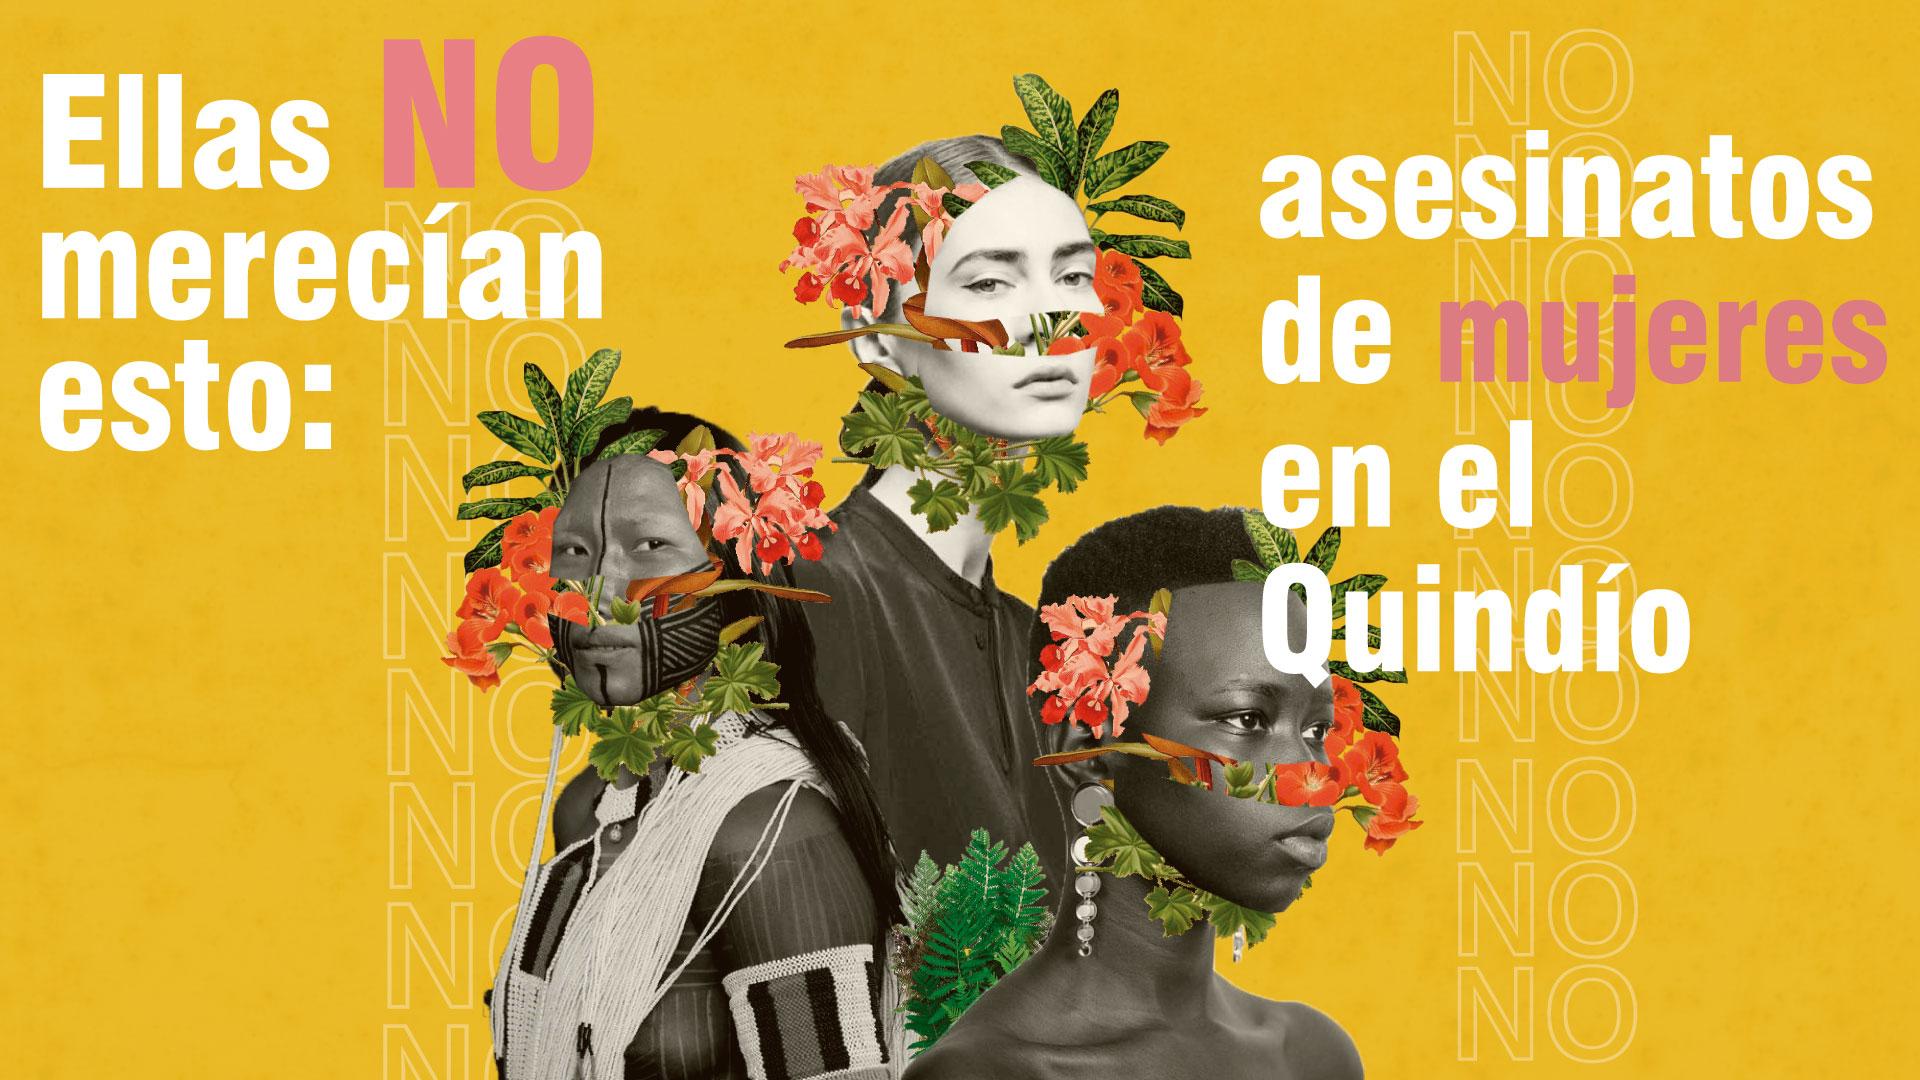 Ellas NO merecían esto: asesinatos de mujeres en el Quindío